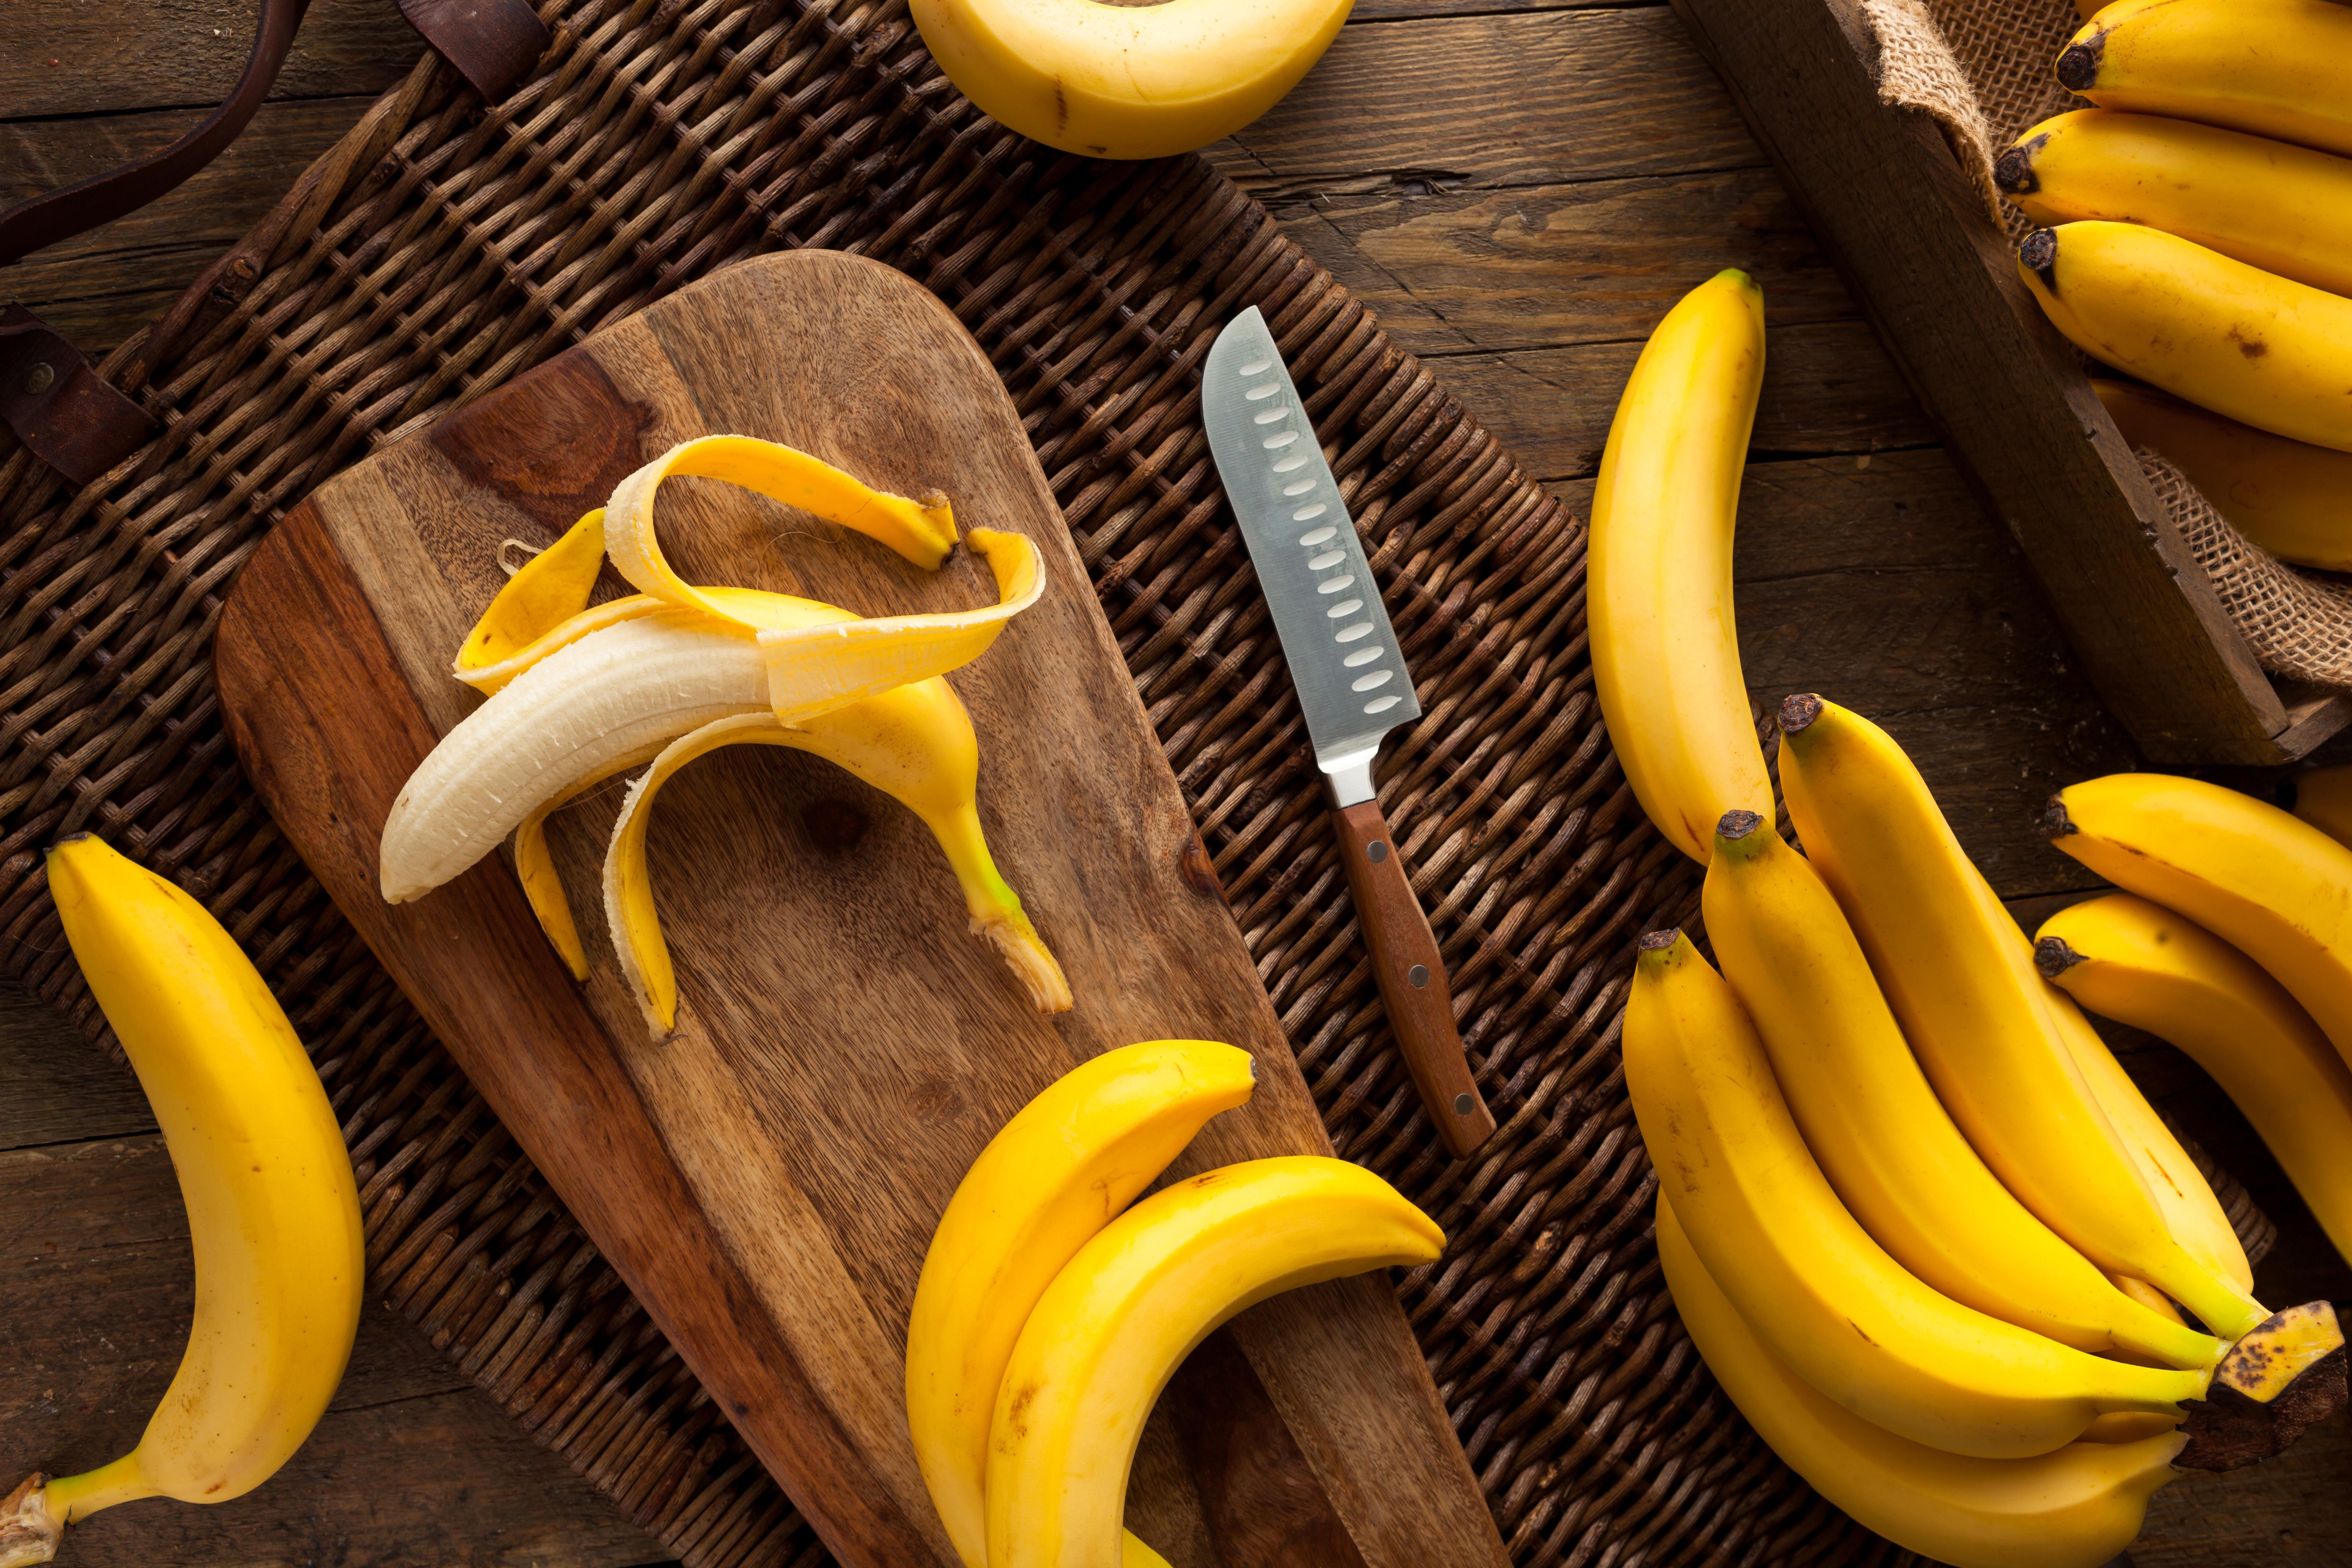 Сплошные витамины. 8 продуктов, которые можно есть с кожурой и косточками